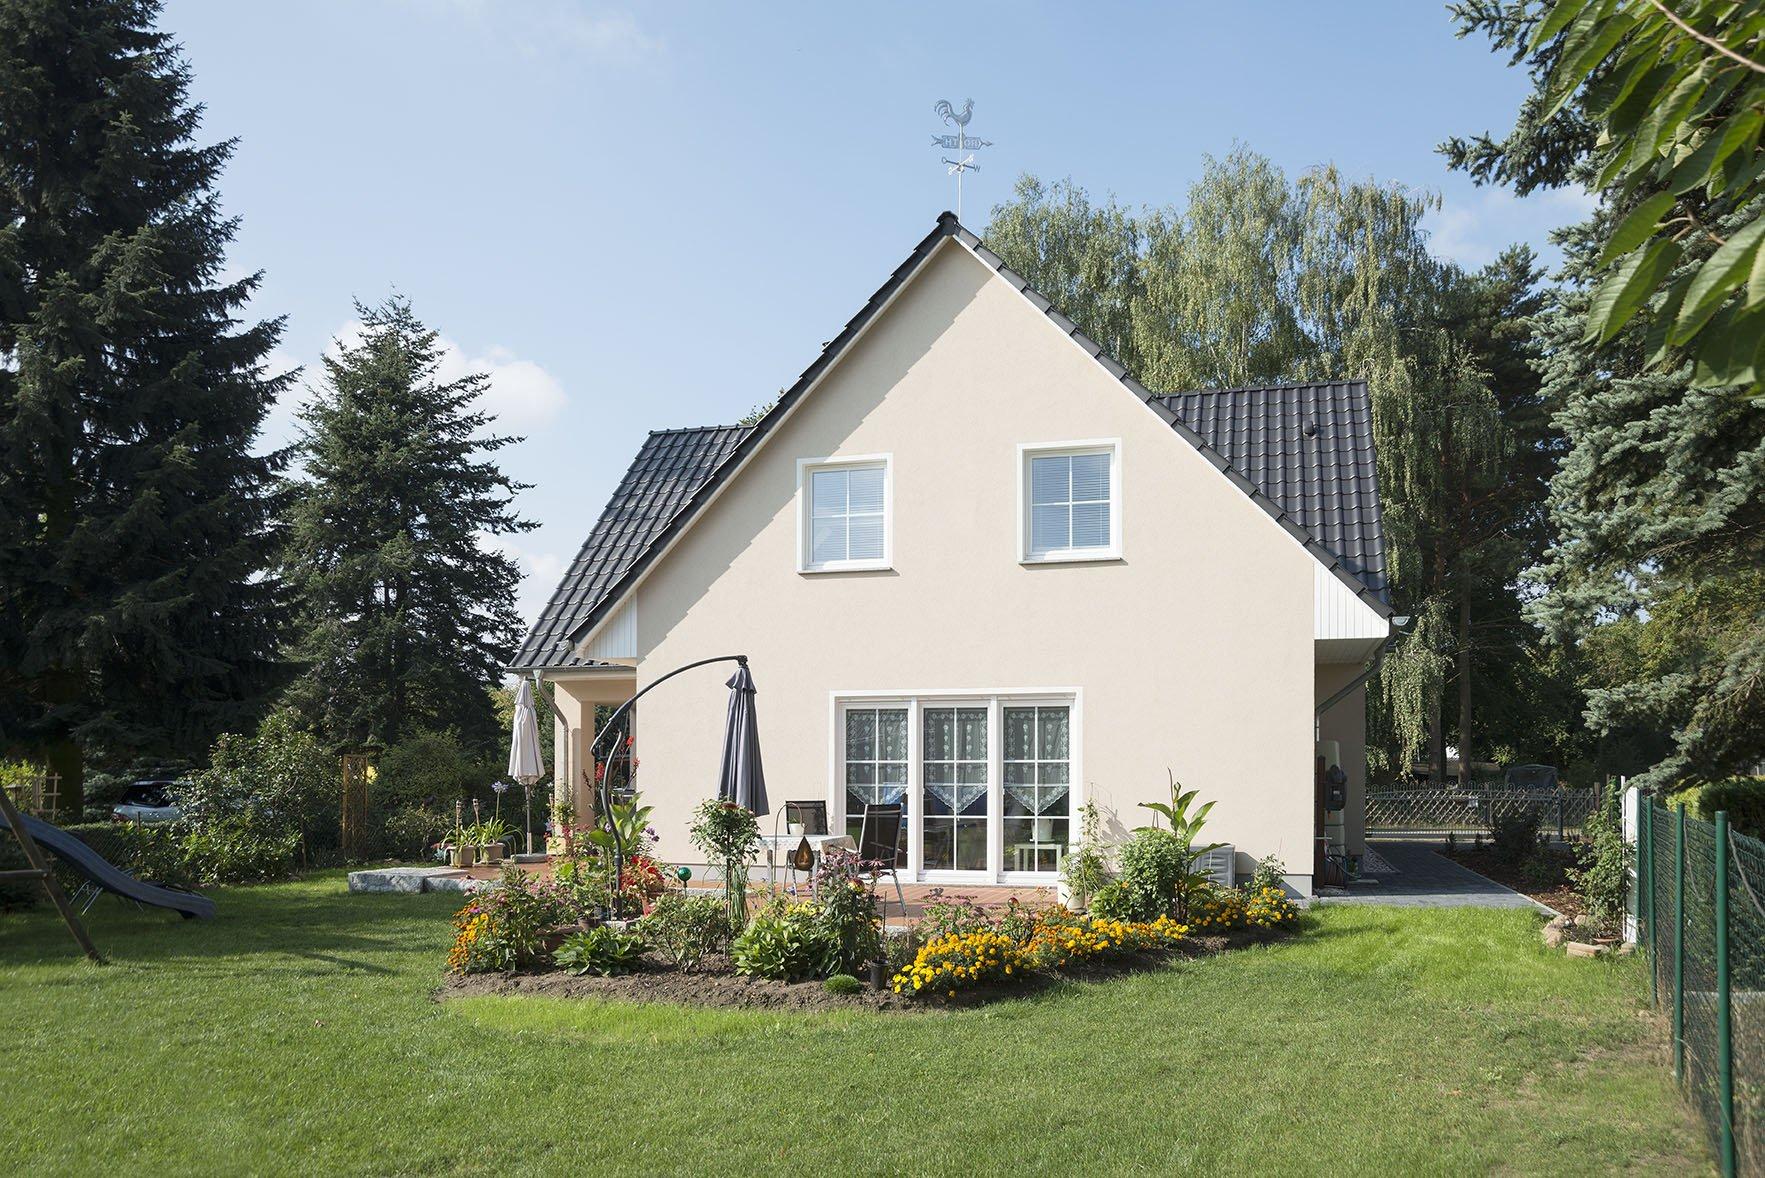 Dreigiebelhaus von Roth-Massivhaus mit Einliegerwohnung von der Gartenseite.